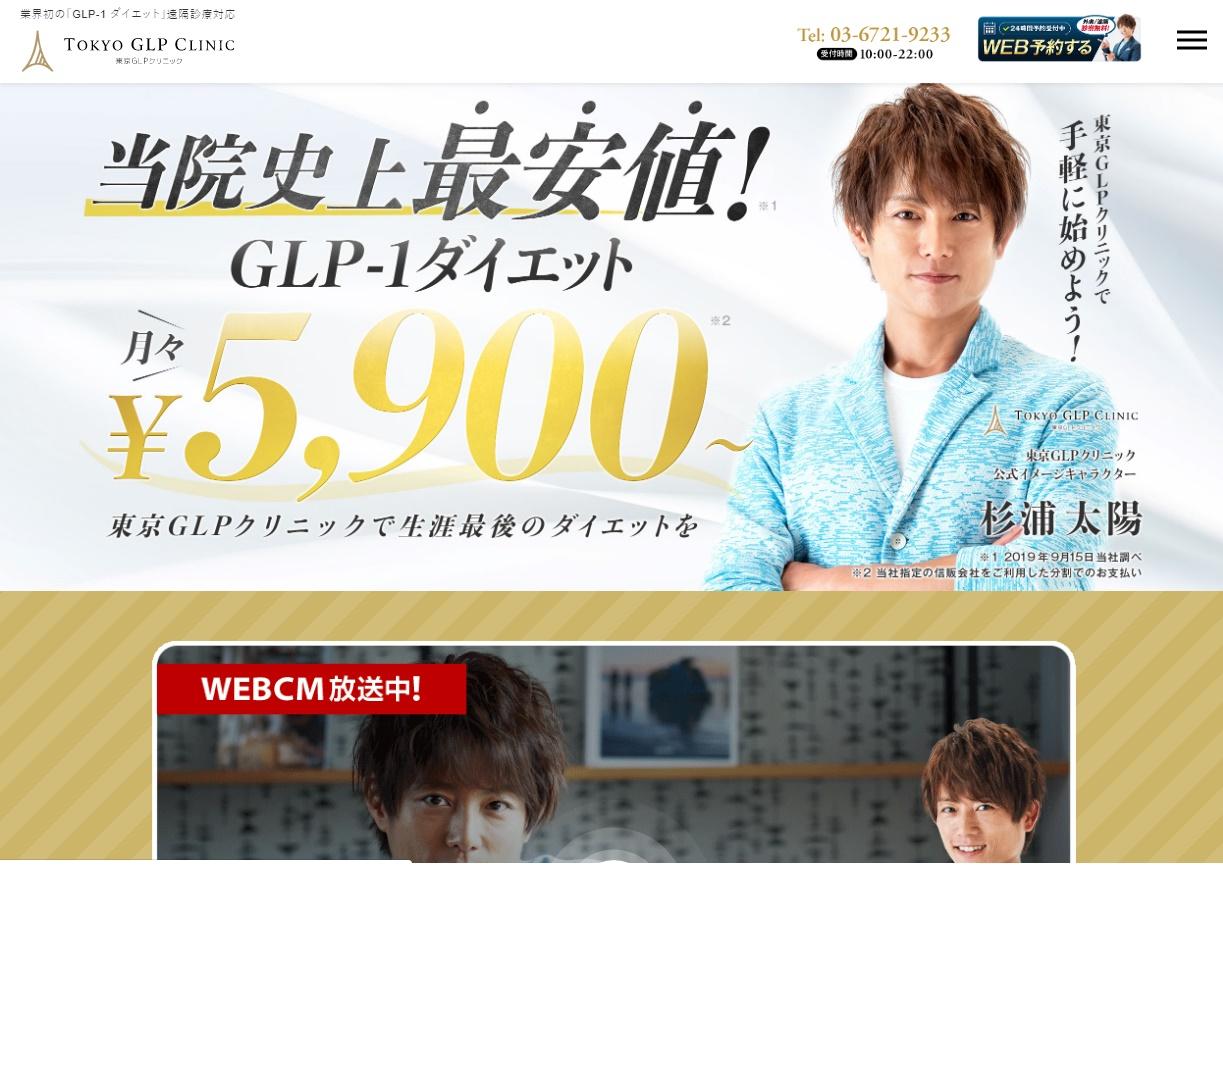 東京GLPクリニックのGLP-1ダイエット